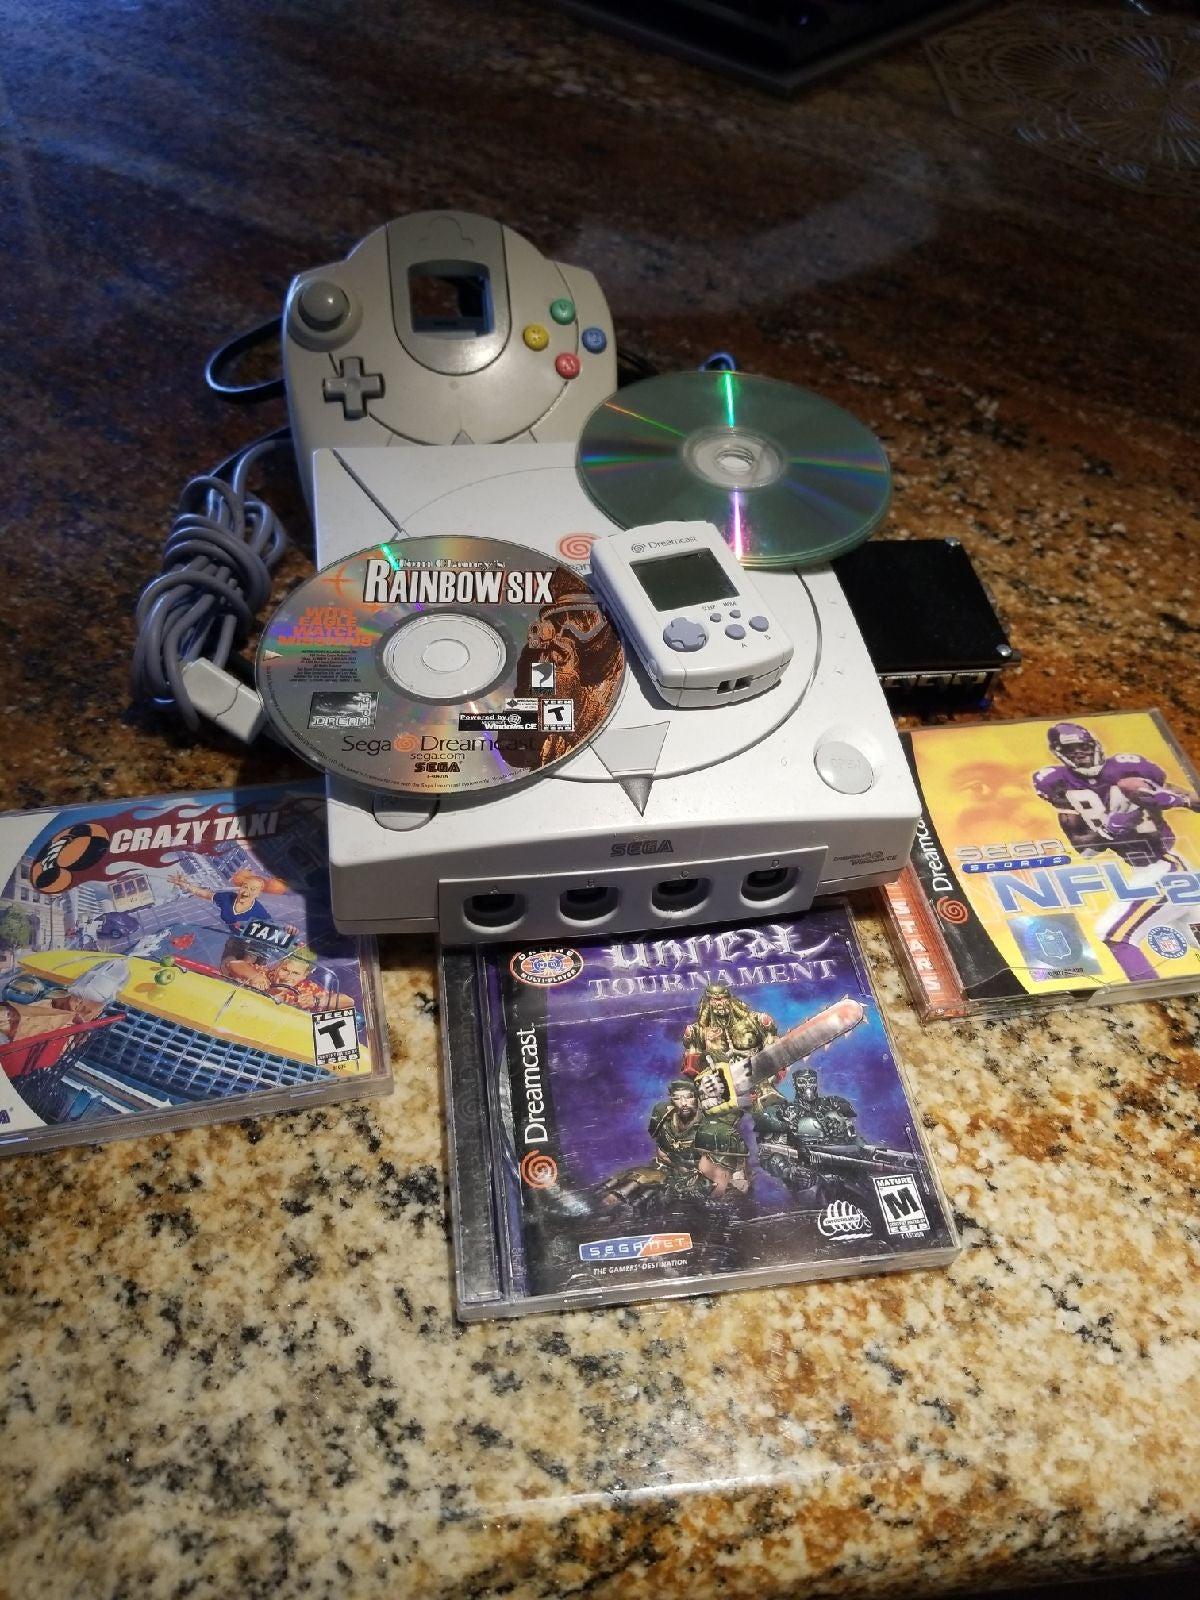 Sega Dreamcast Dreamstation Vol. Forever